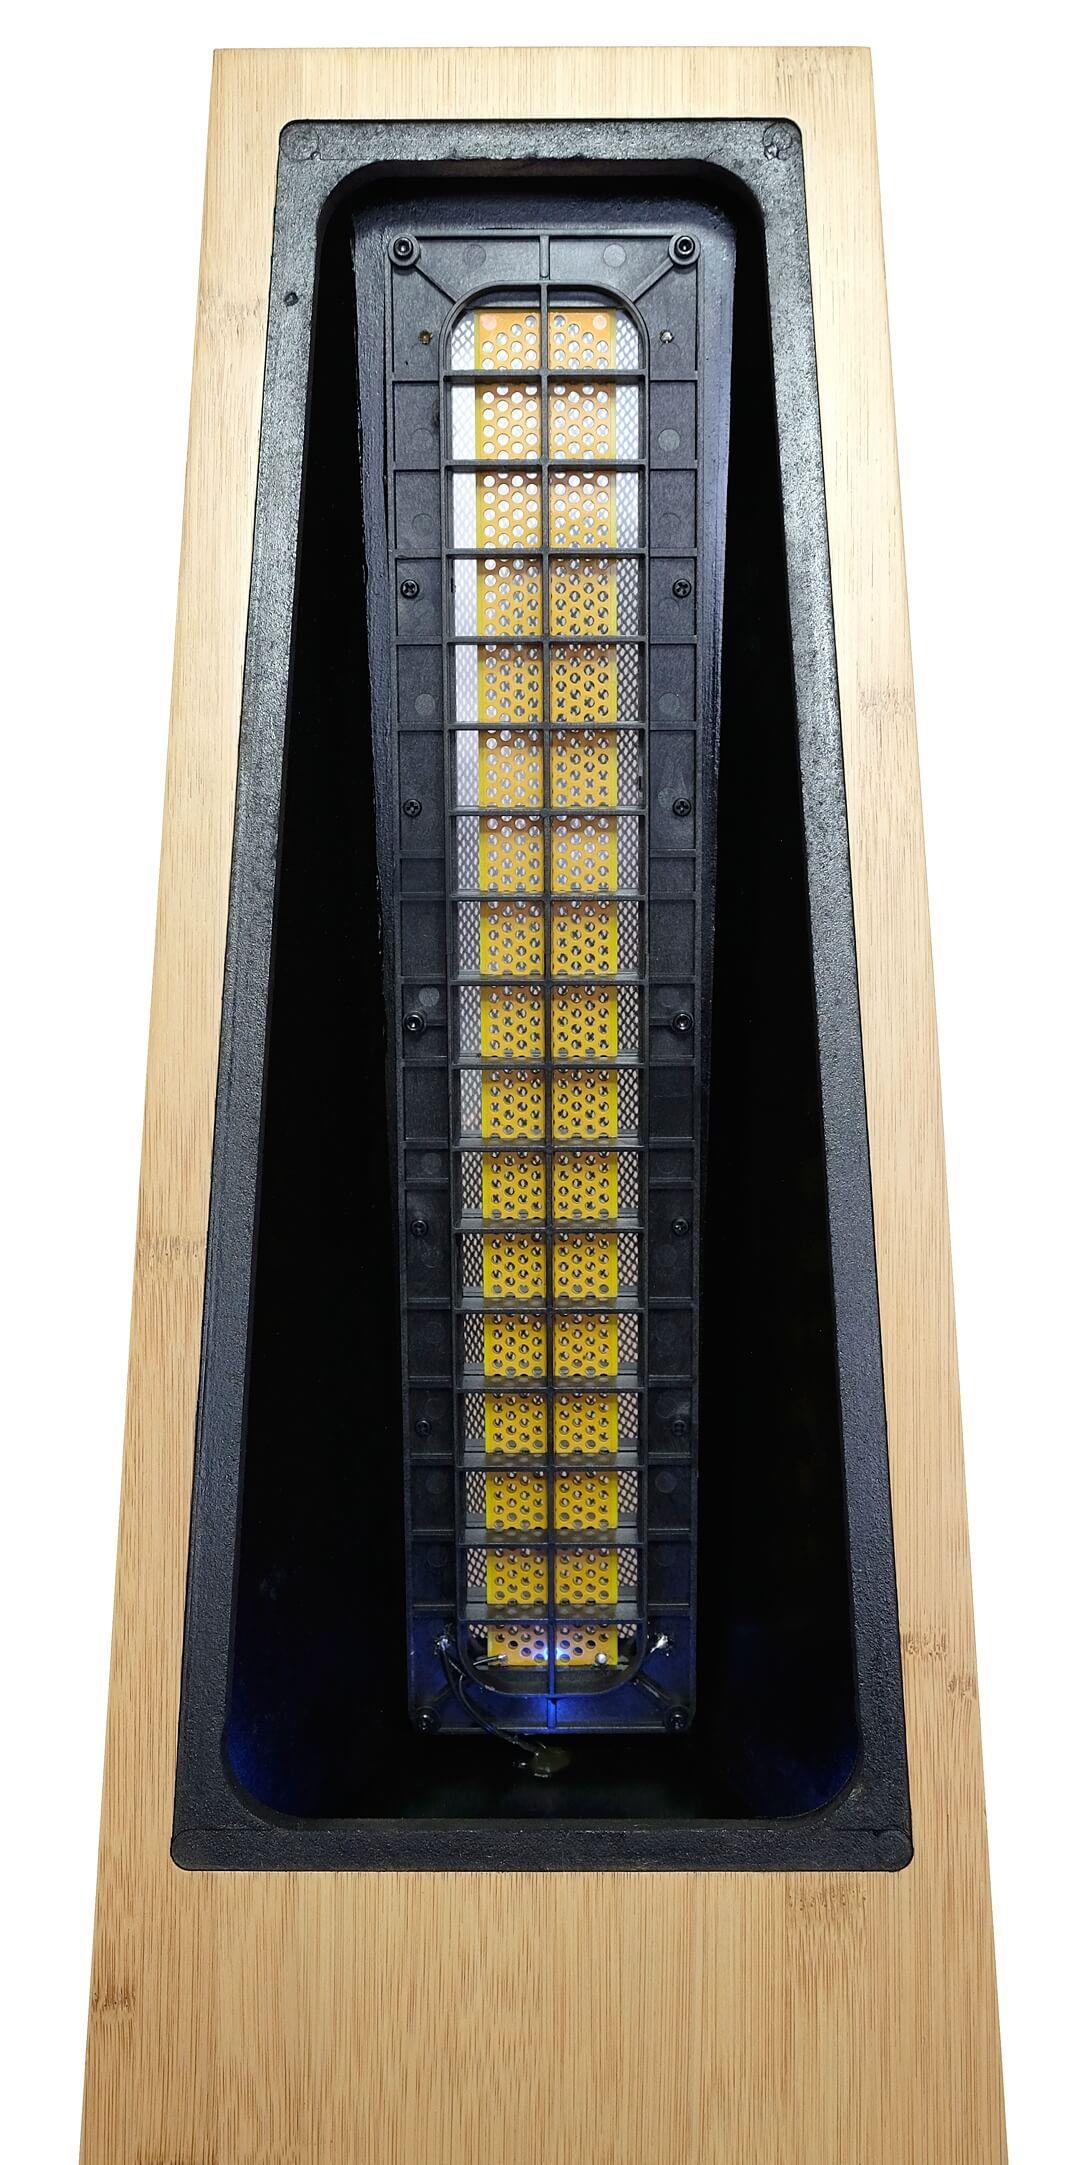 Der Elektrostat der Kingsound Queen V, von hinten betrachtet